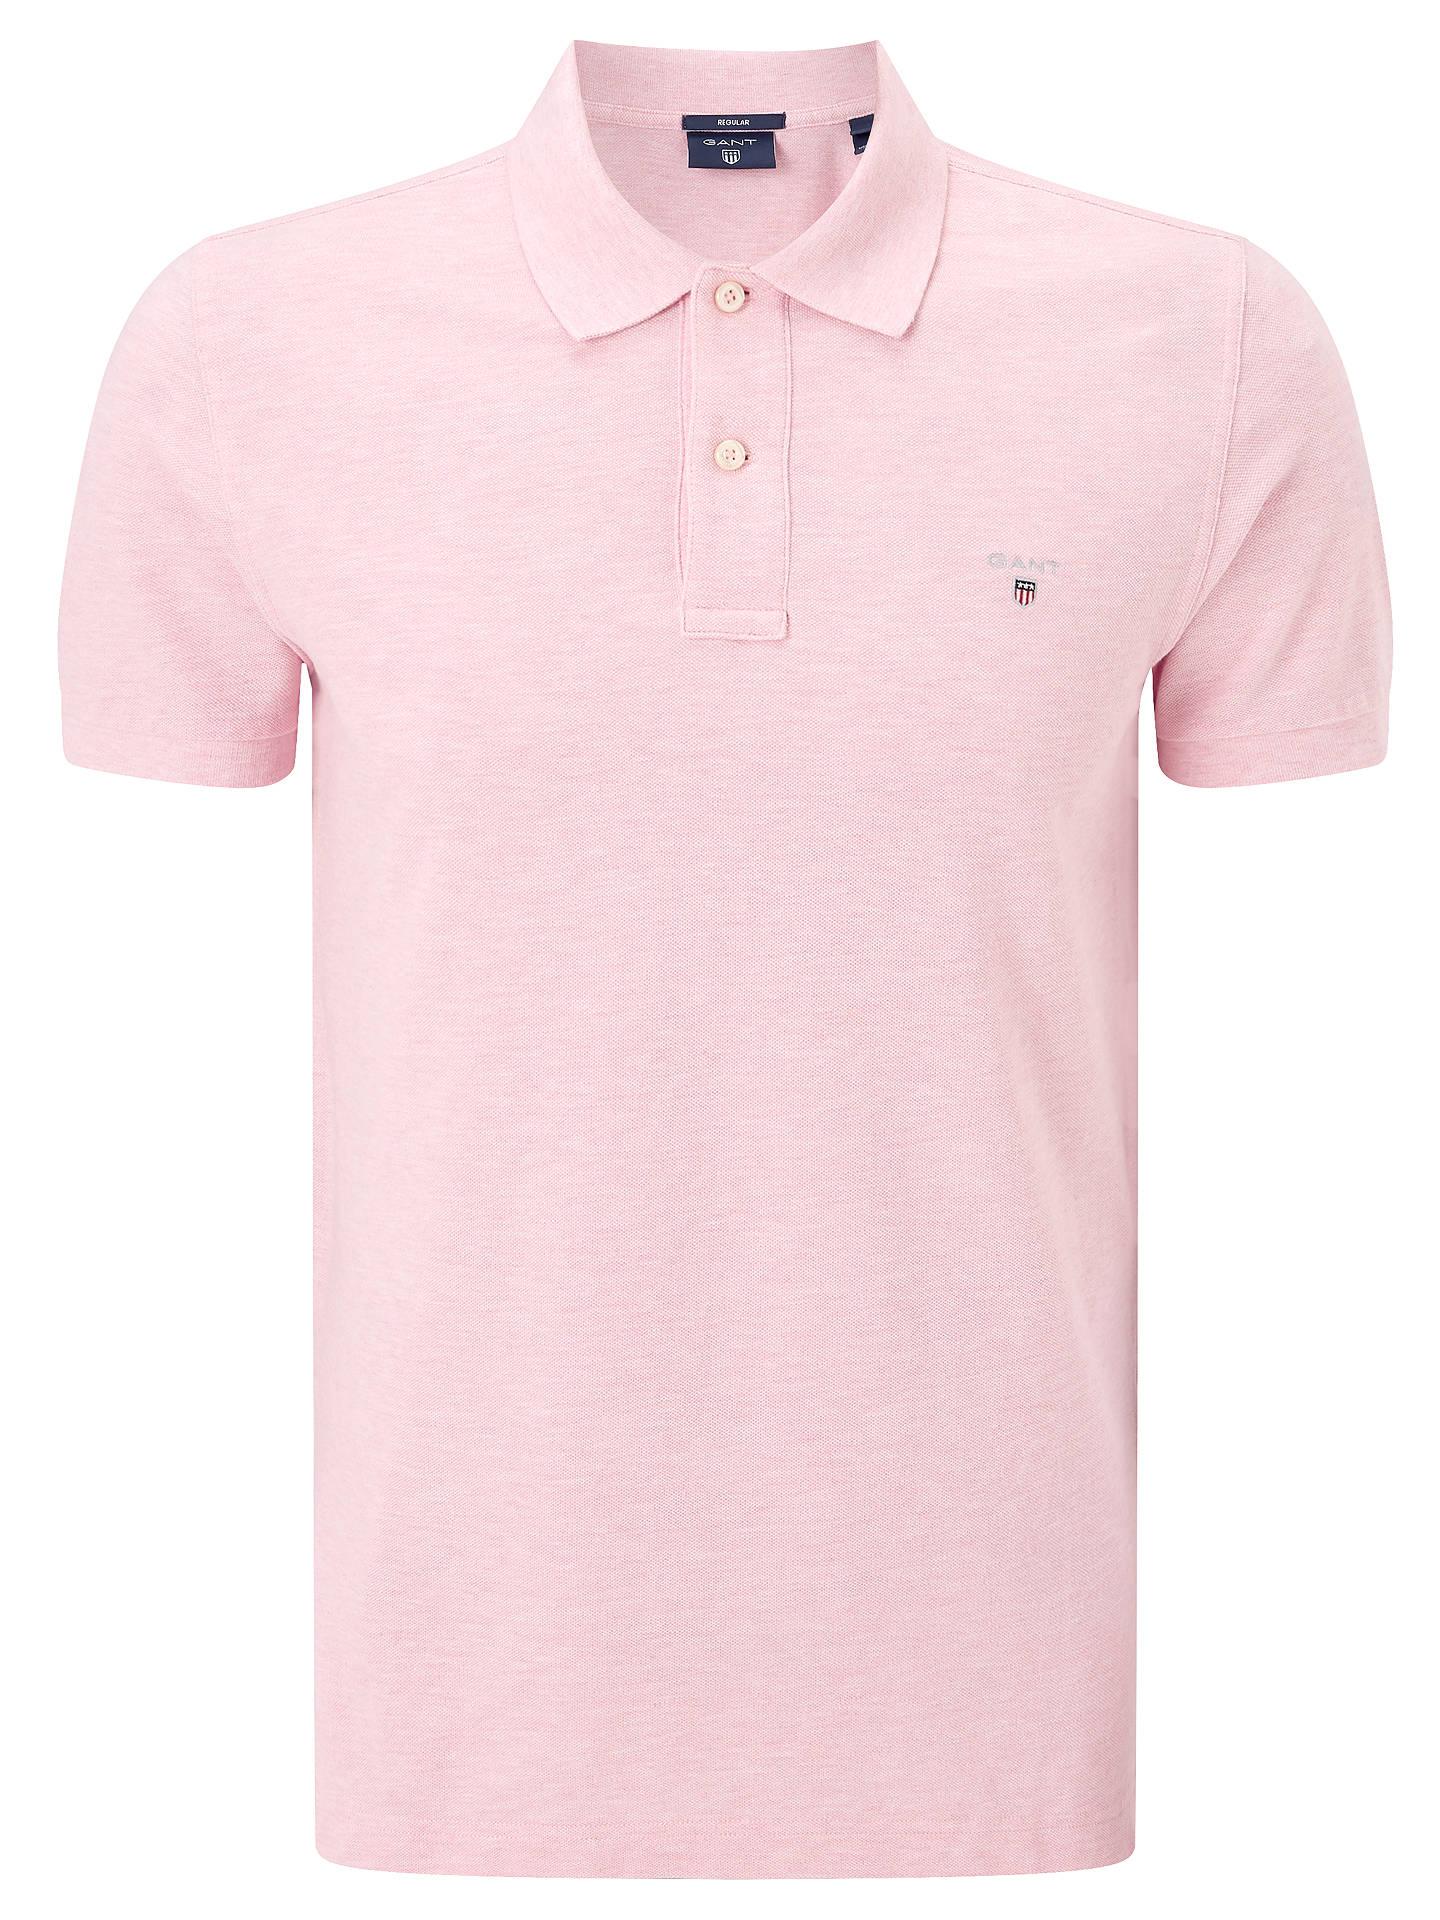 76edd1861daf0e ... Buy GANT Original Pique Polo Shirt, Light Pink, S Online at  johnlewis.com ...